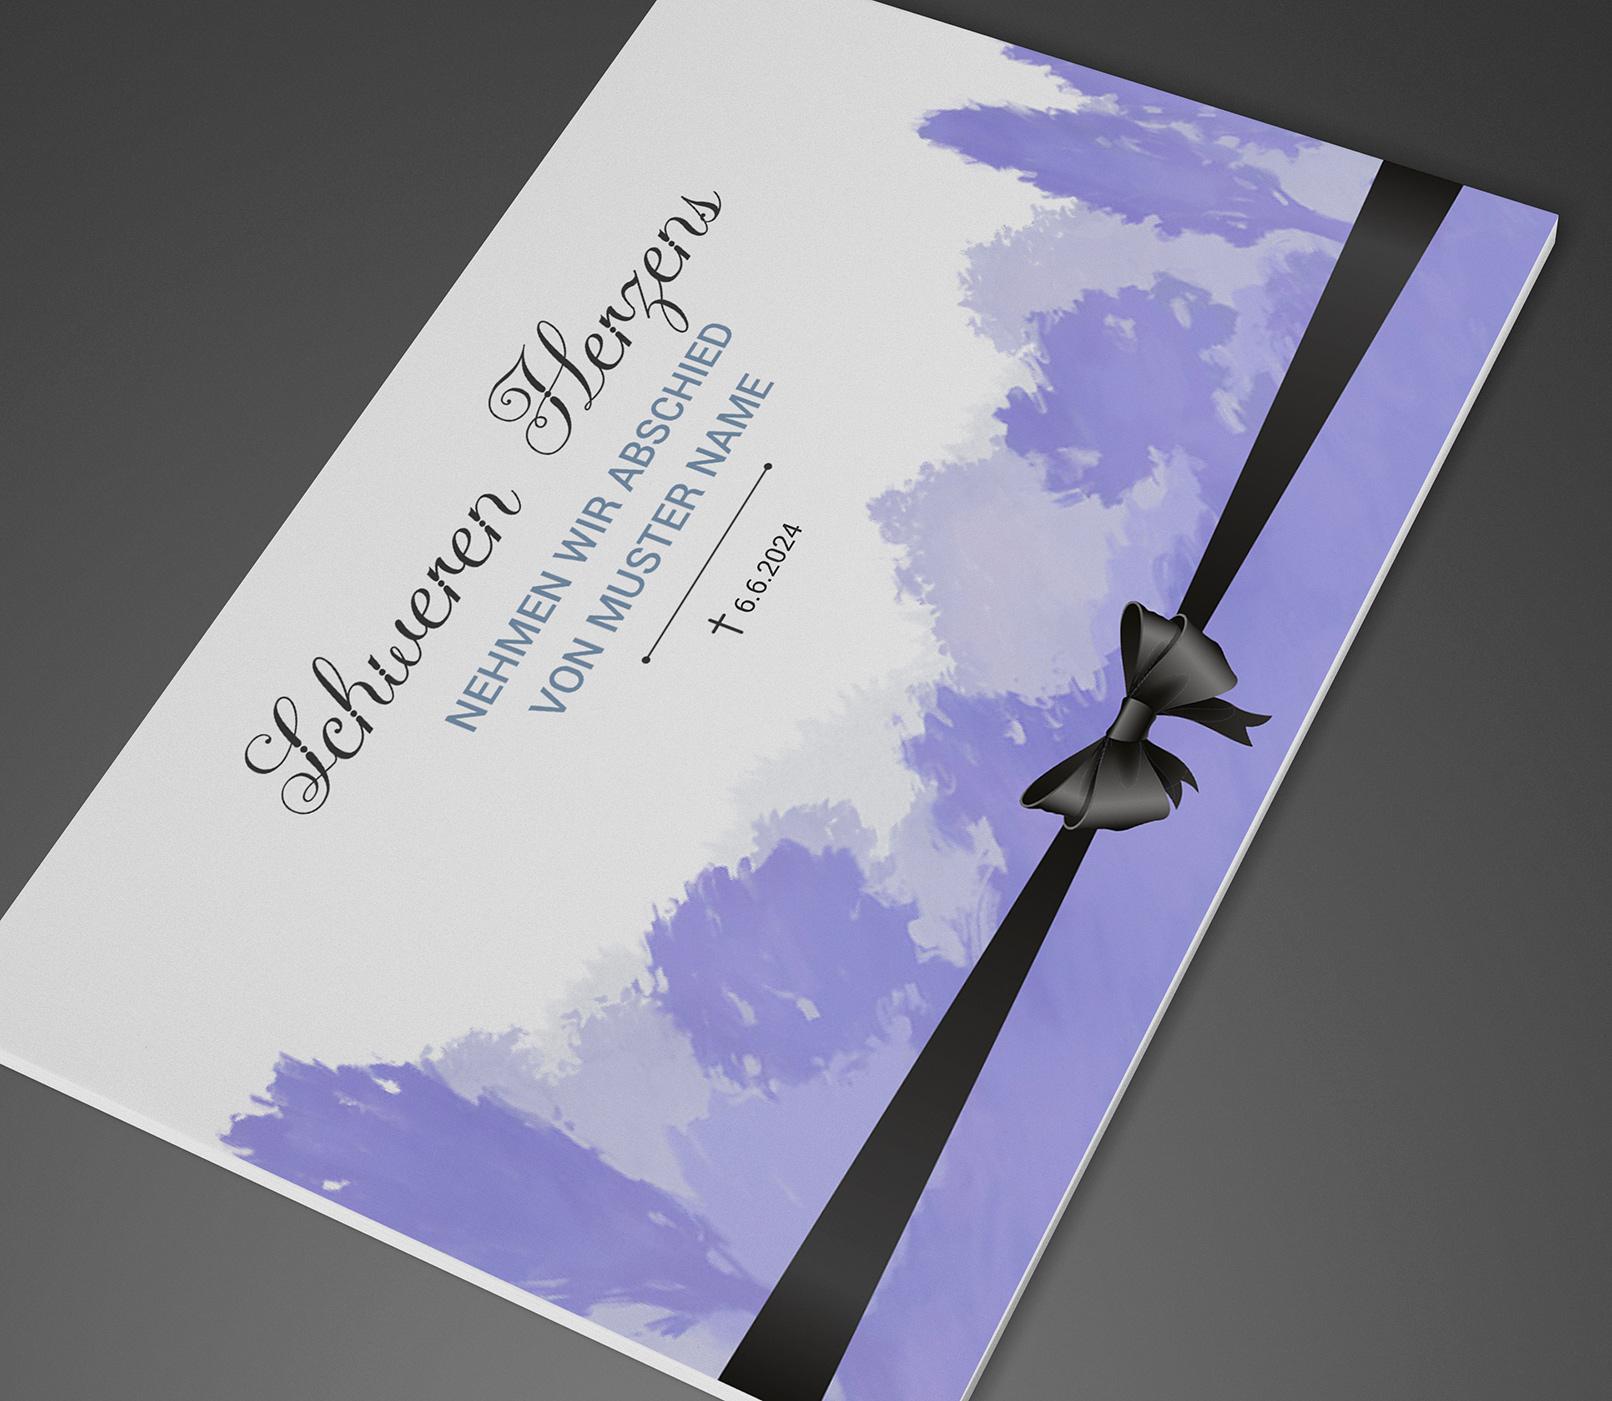 Vorlage für eine Trauerkarte (Vorder- und Rückseite) mit einer Waldszene und einer gebundenen Schleife